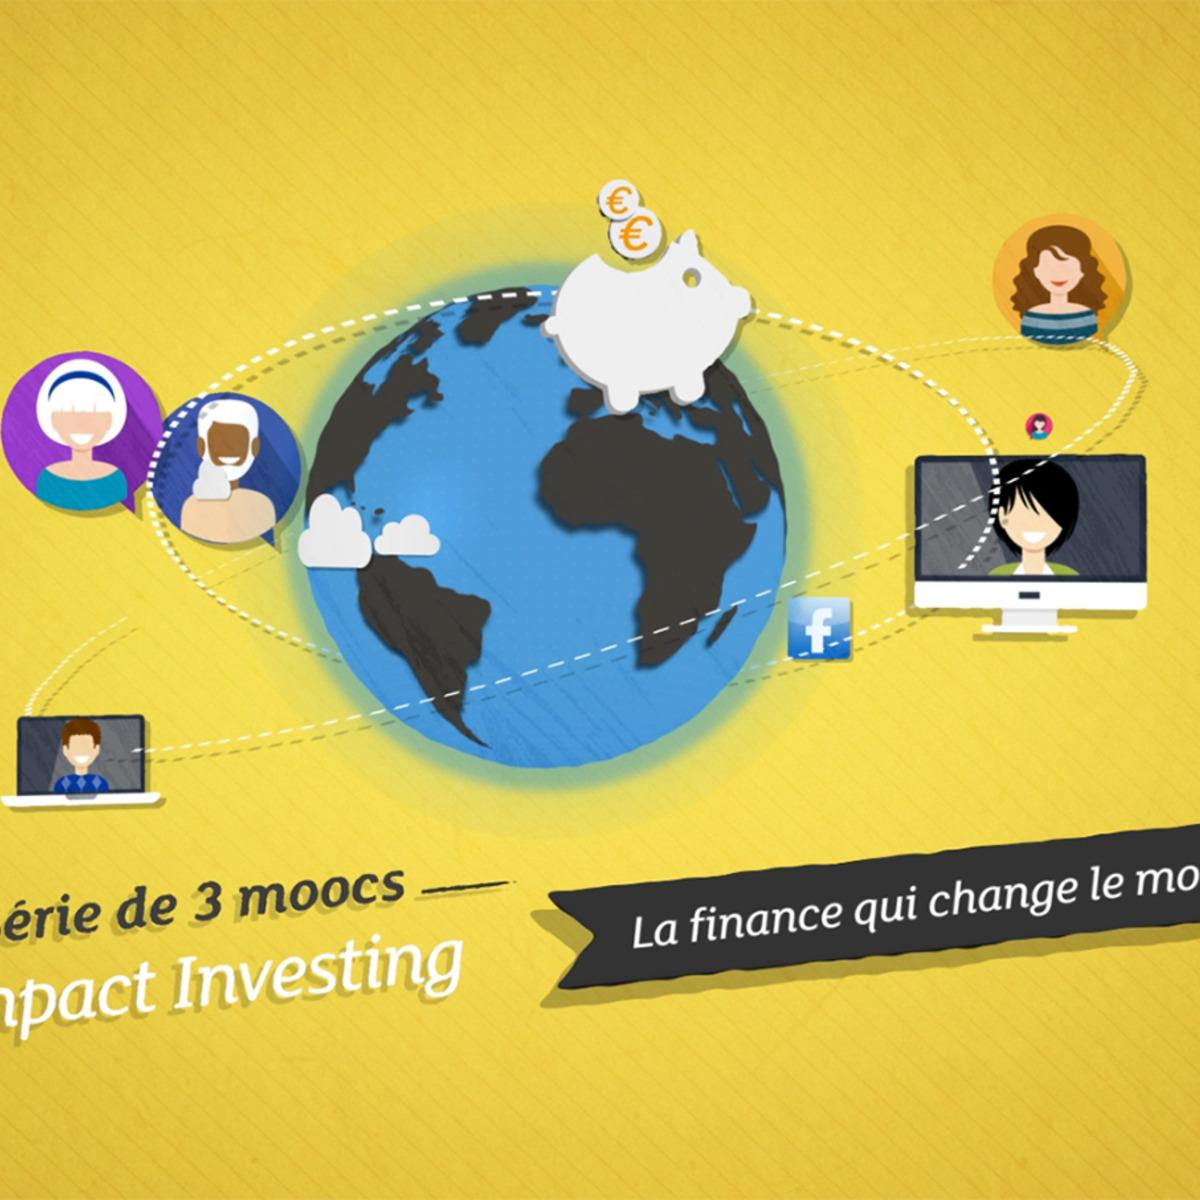 L'impact investing : comprendre les fondamentaux course image